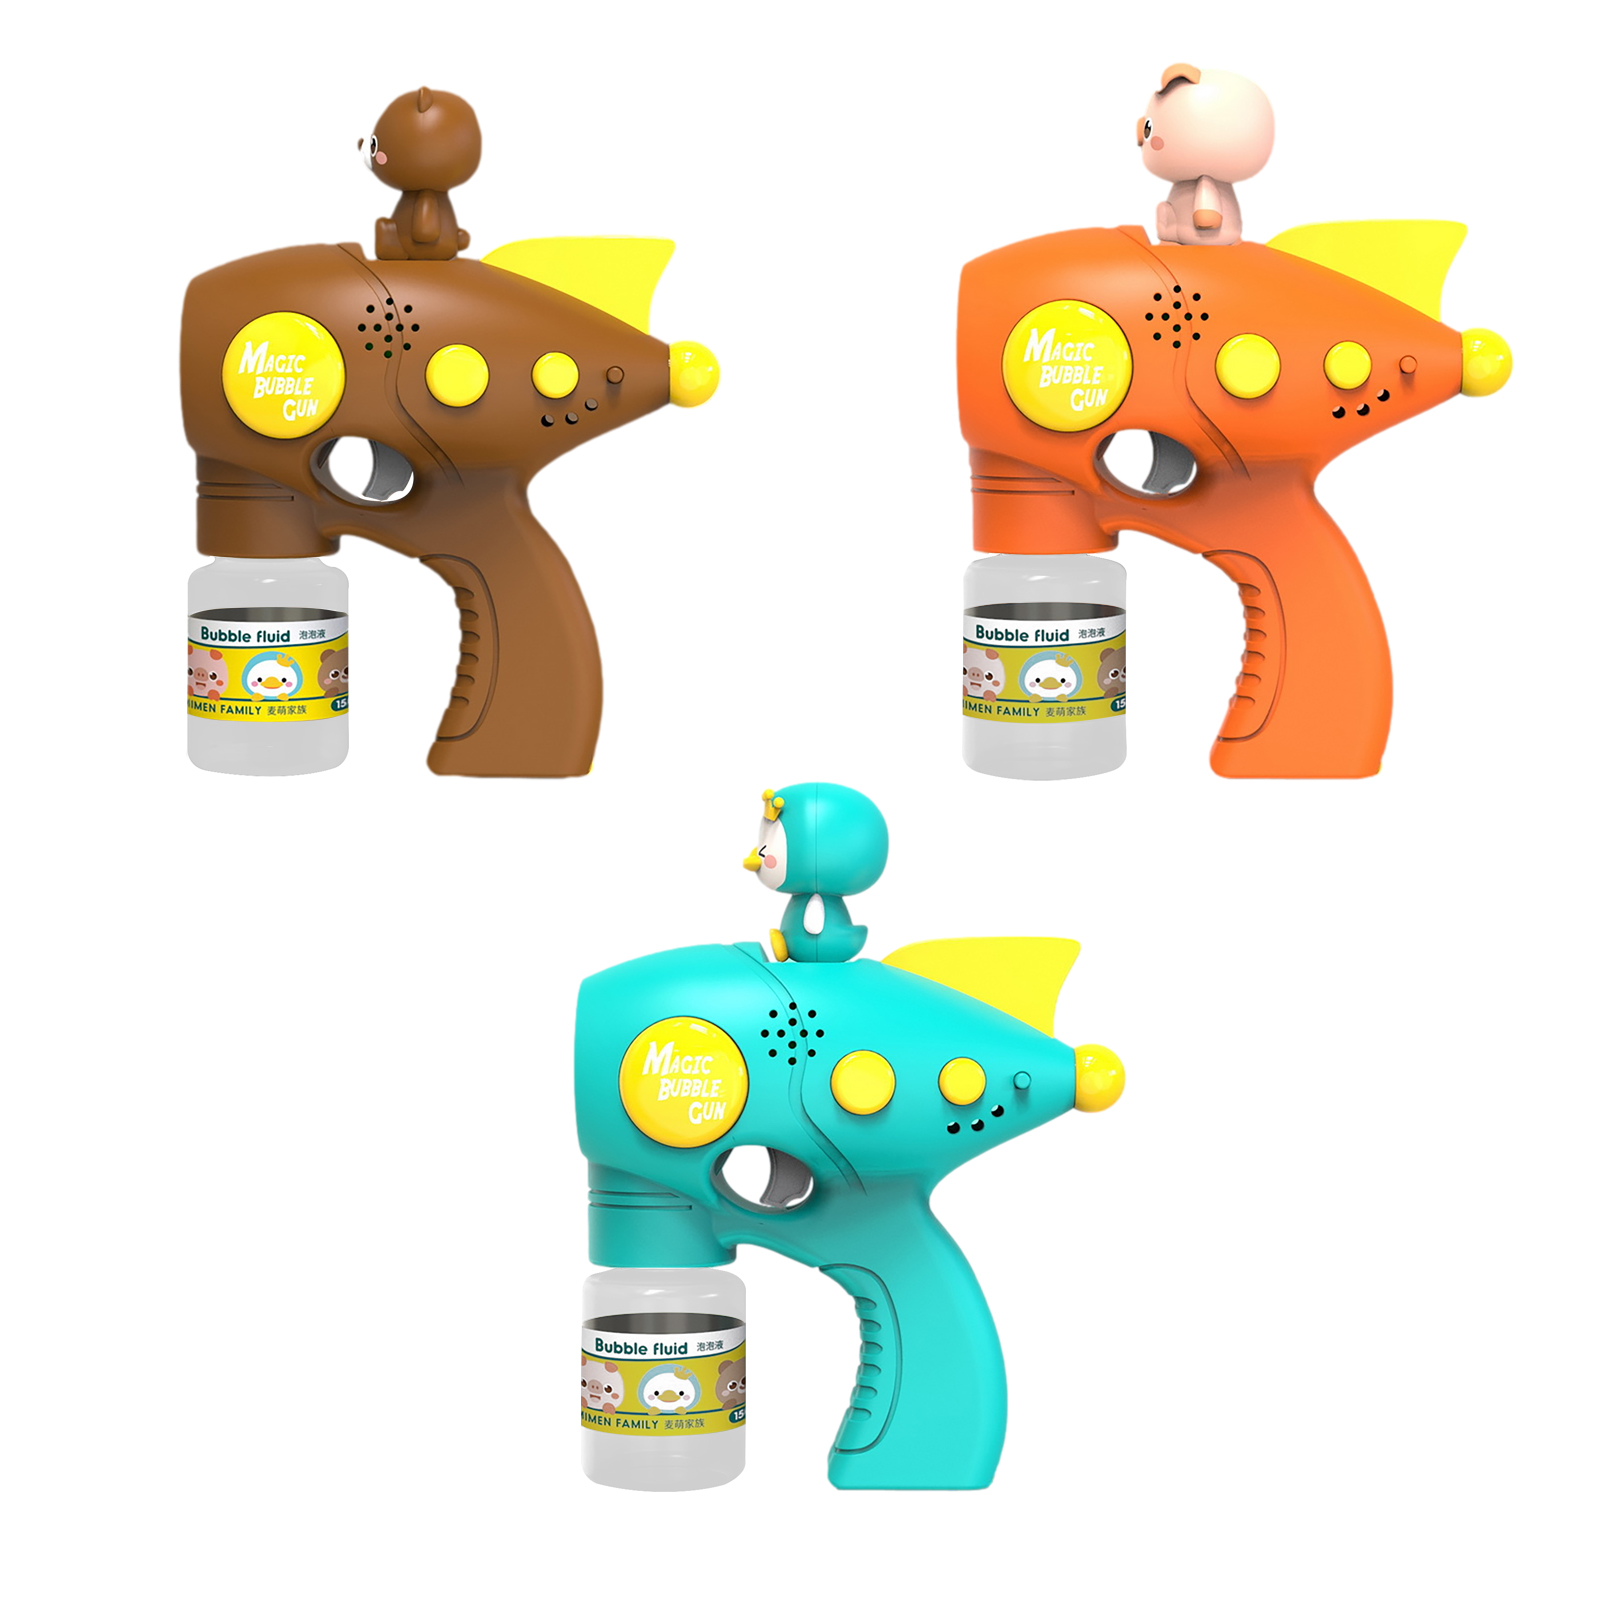 Мультфильм электрическая машина пузыря Лето Автоматическая дующий пузыри чайник пистолет, флисовая верхняя одежда для детей, подарок на де...